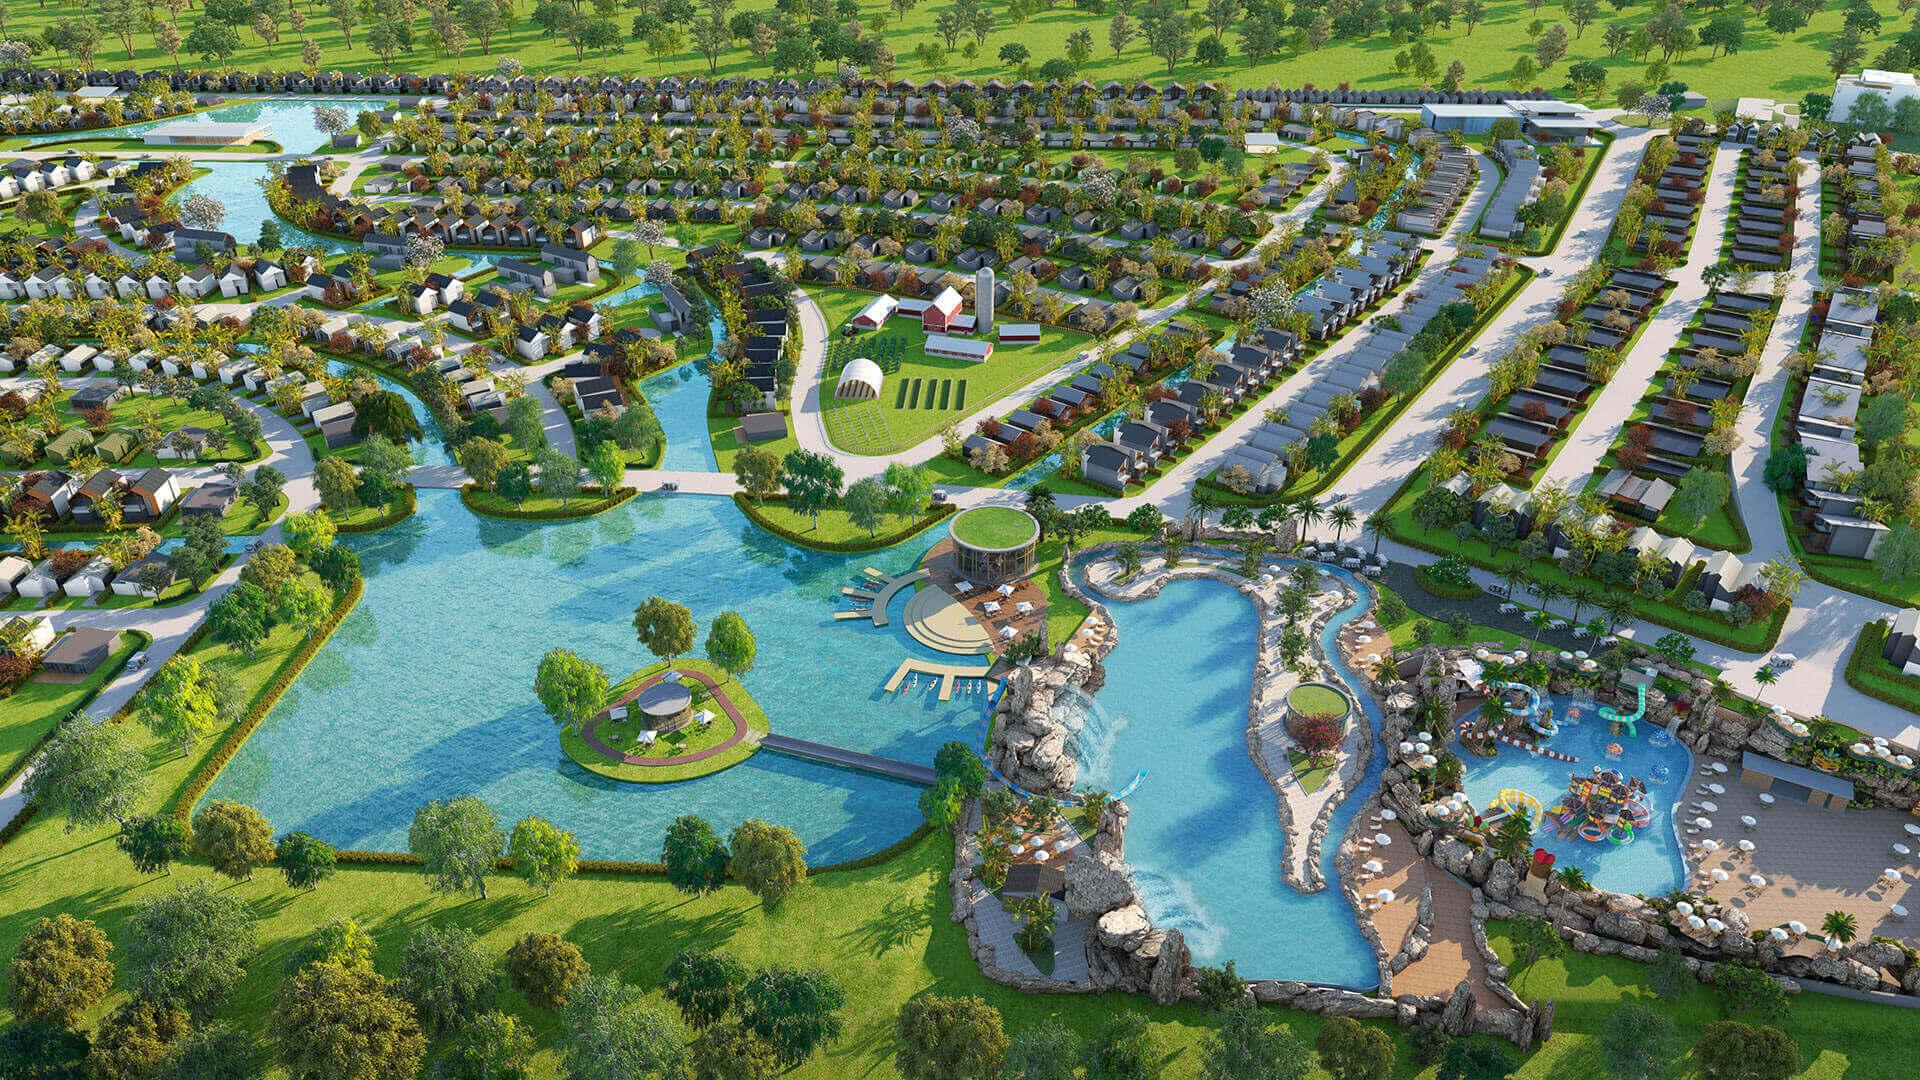 Các dự án nghỉ dưỡng tại khu du lịch sinh thái phức hợp biển Hồ Tràm 3